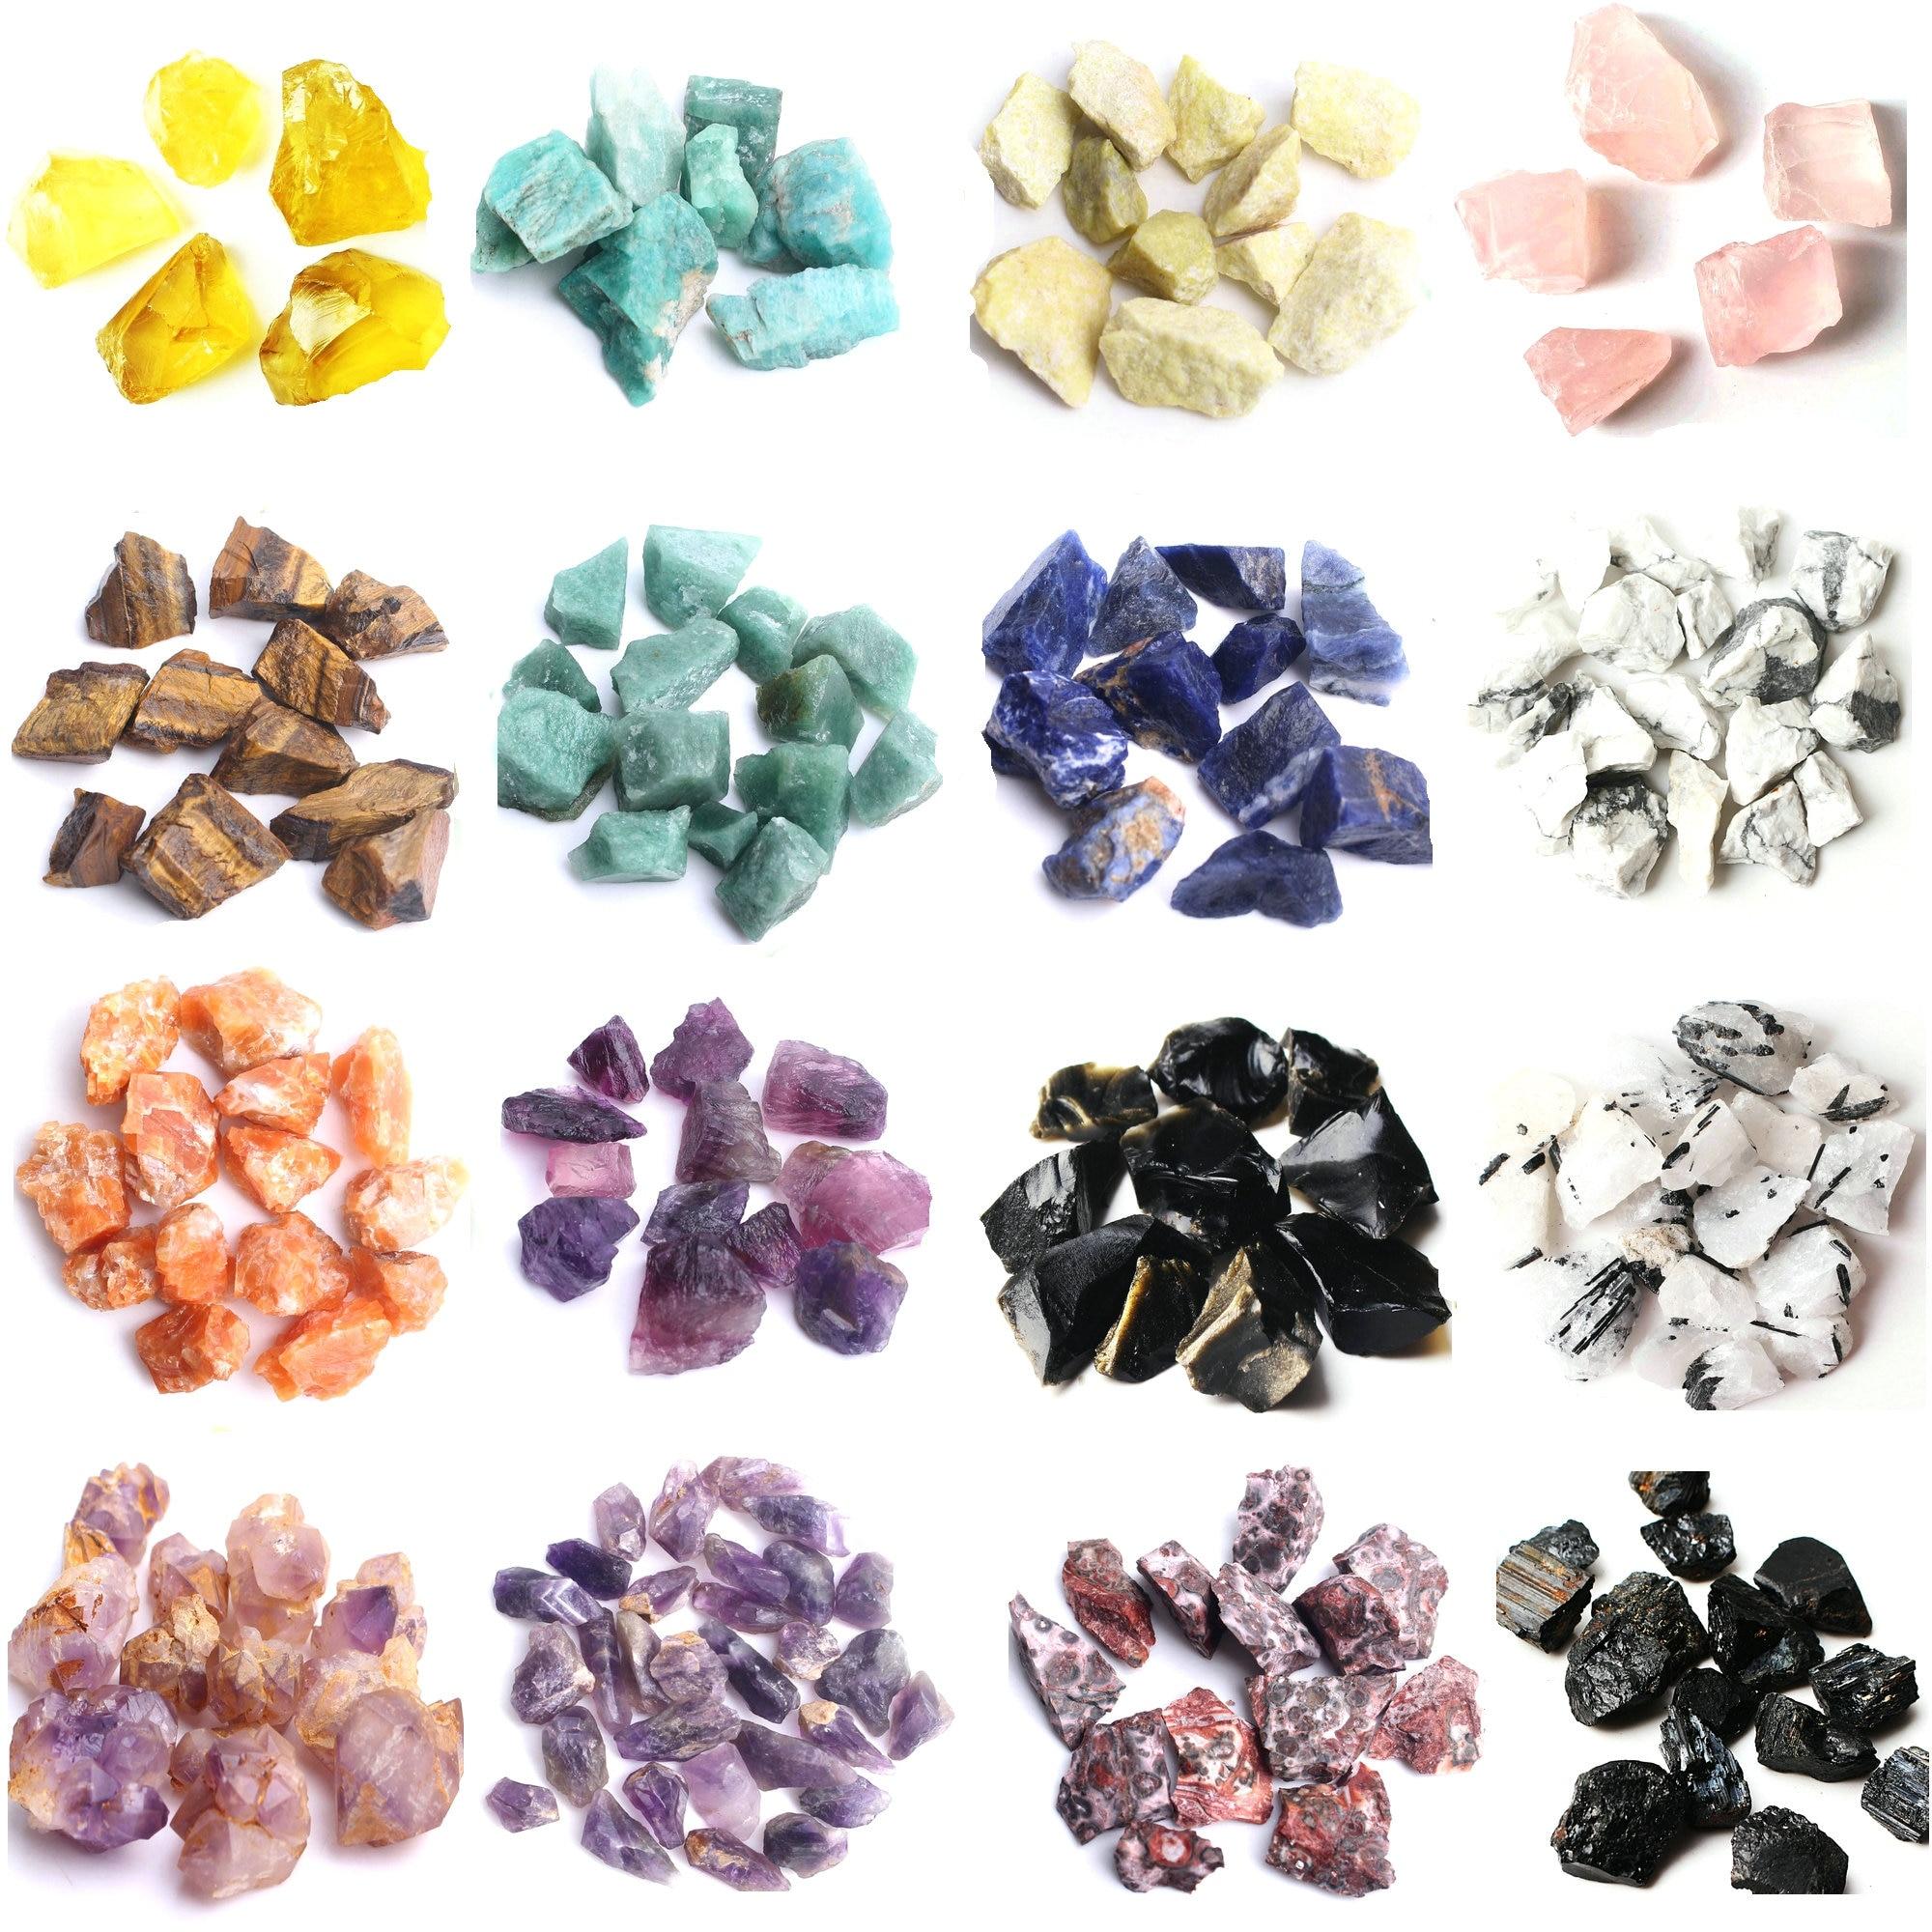 Pedra de cristal natural para cicatrizes, pedra científica de pedra natural de cristal 30-50g, espécie colorida de quartzo para decoração, 1 saco reiki cura